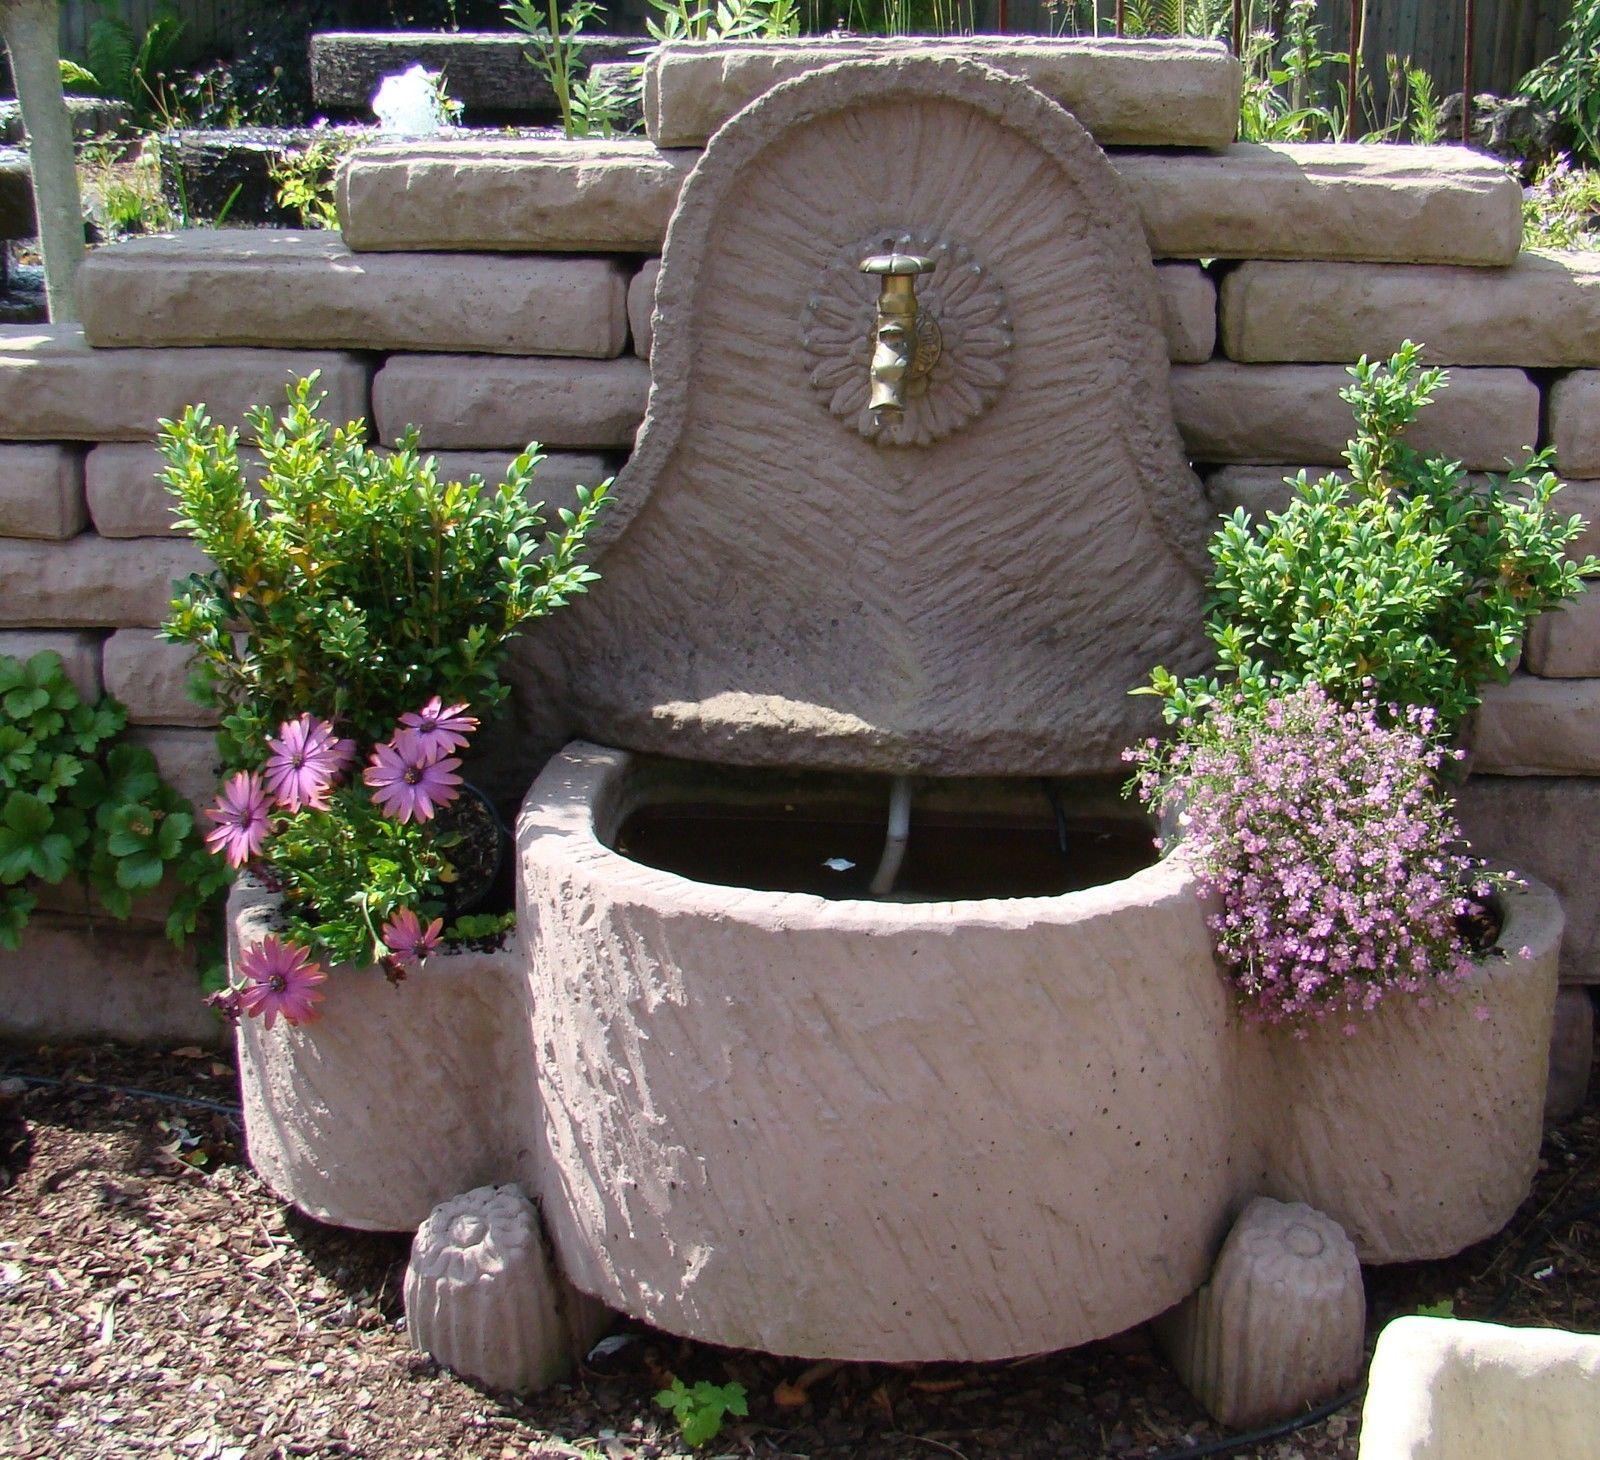 Schöpfbrunnen Springbrunnen Brunnen Wasserspiel Werksandstein Stein 159kg